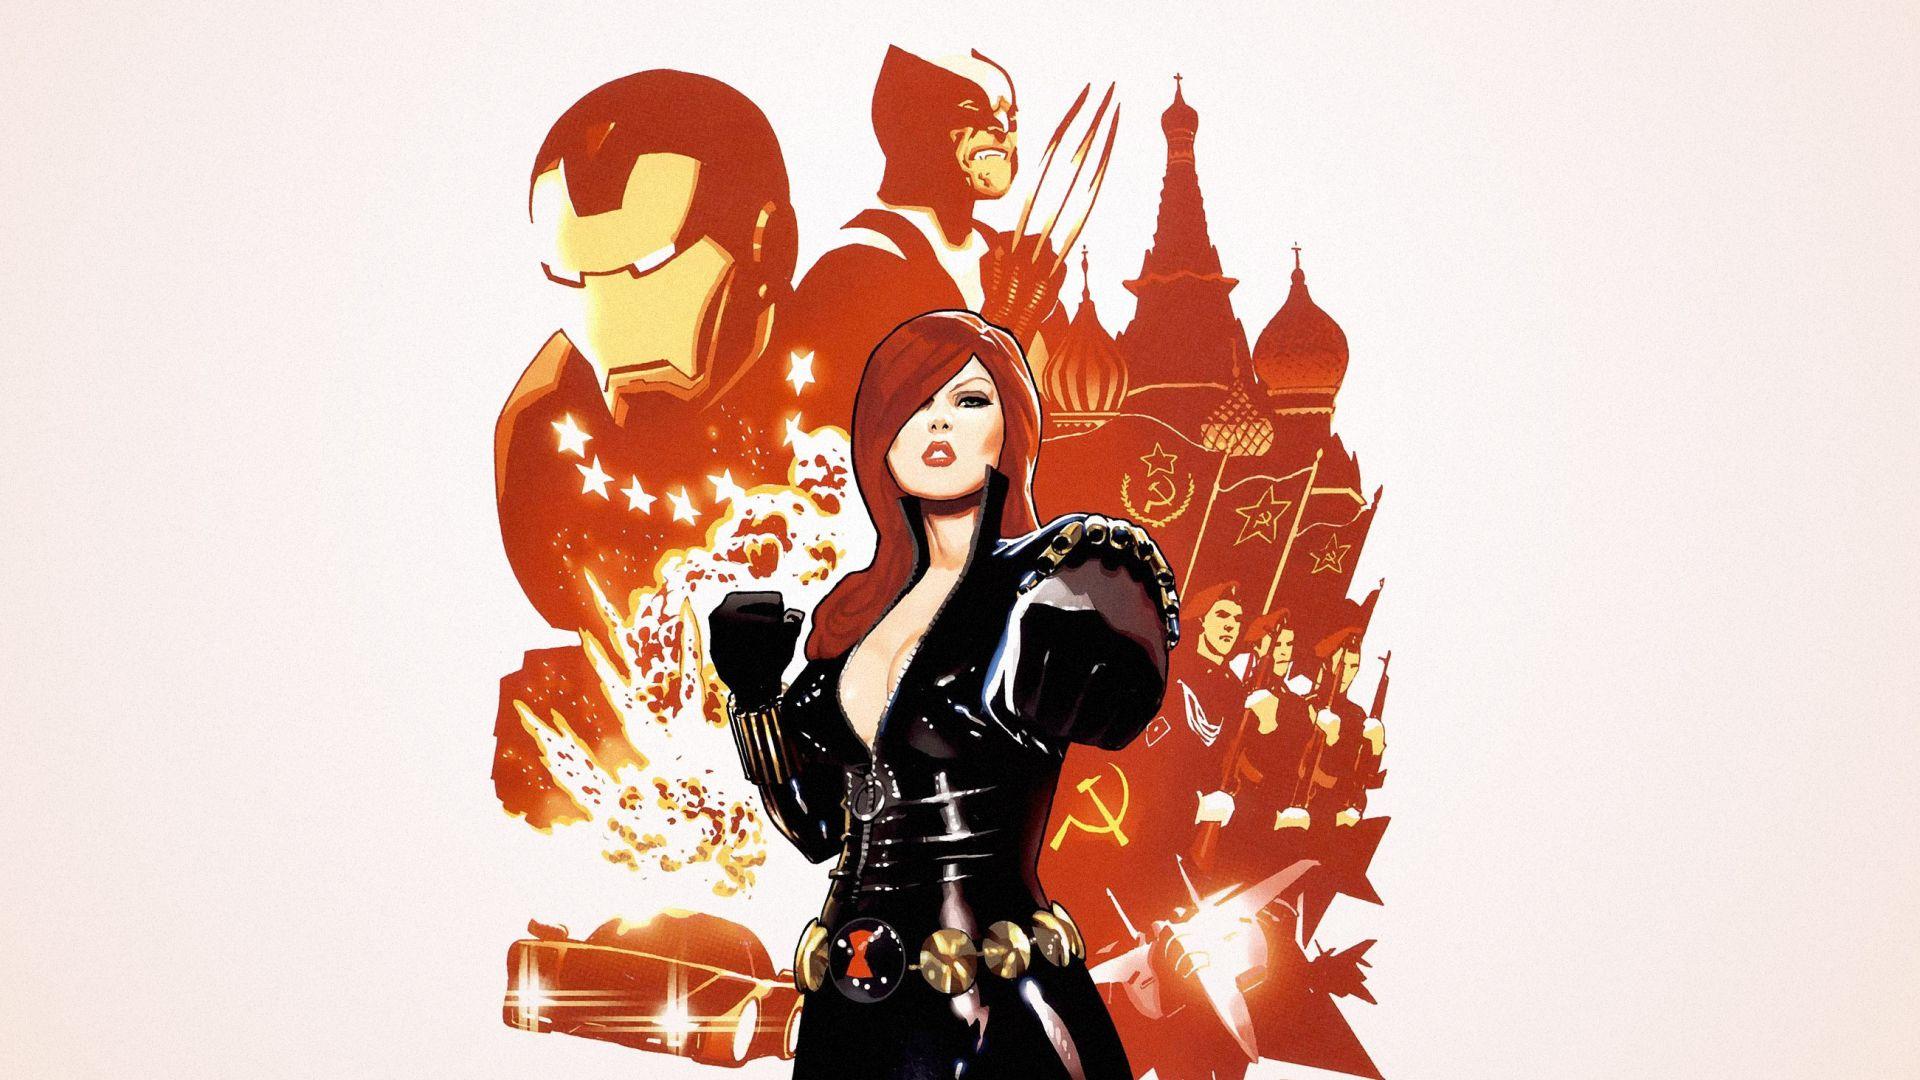 Wallpaper Black widow, minimal, marvel comics